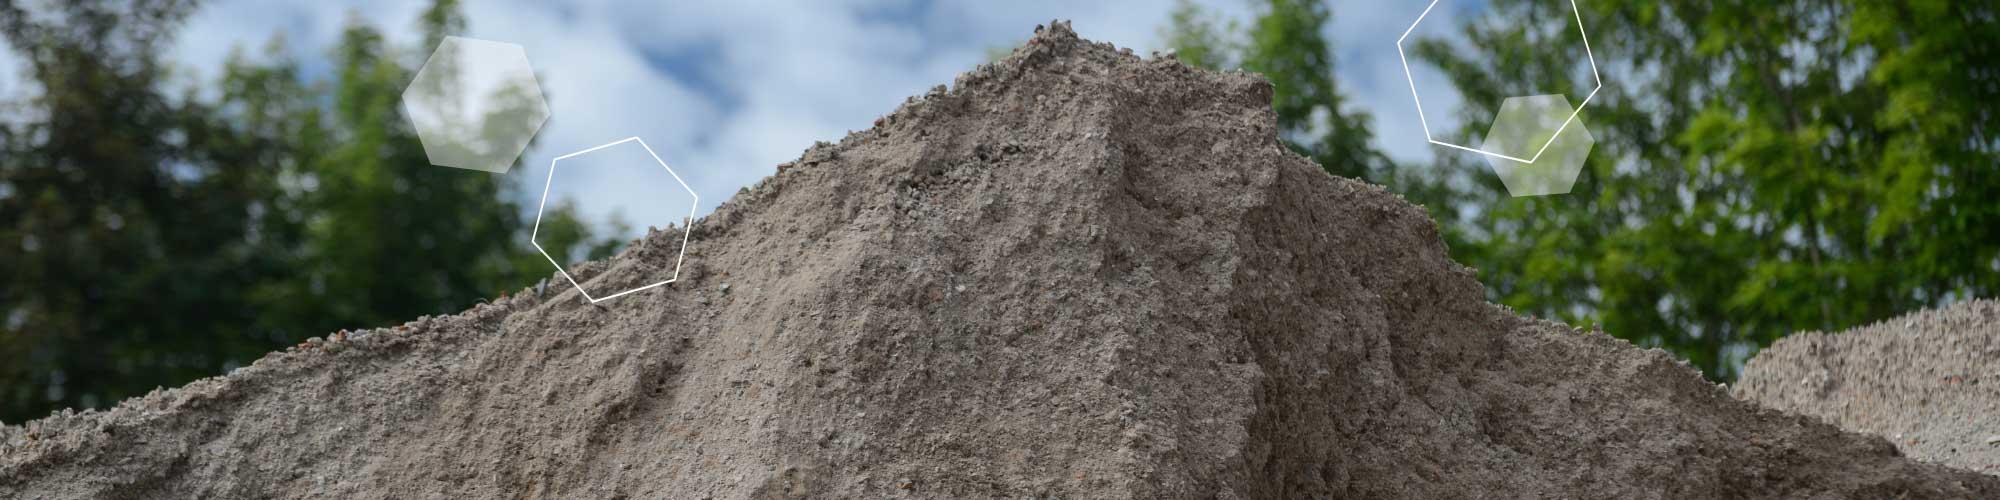 Berg von Schüttgütern